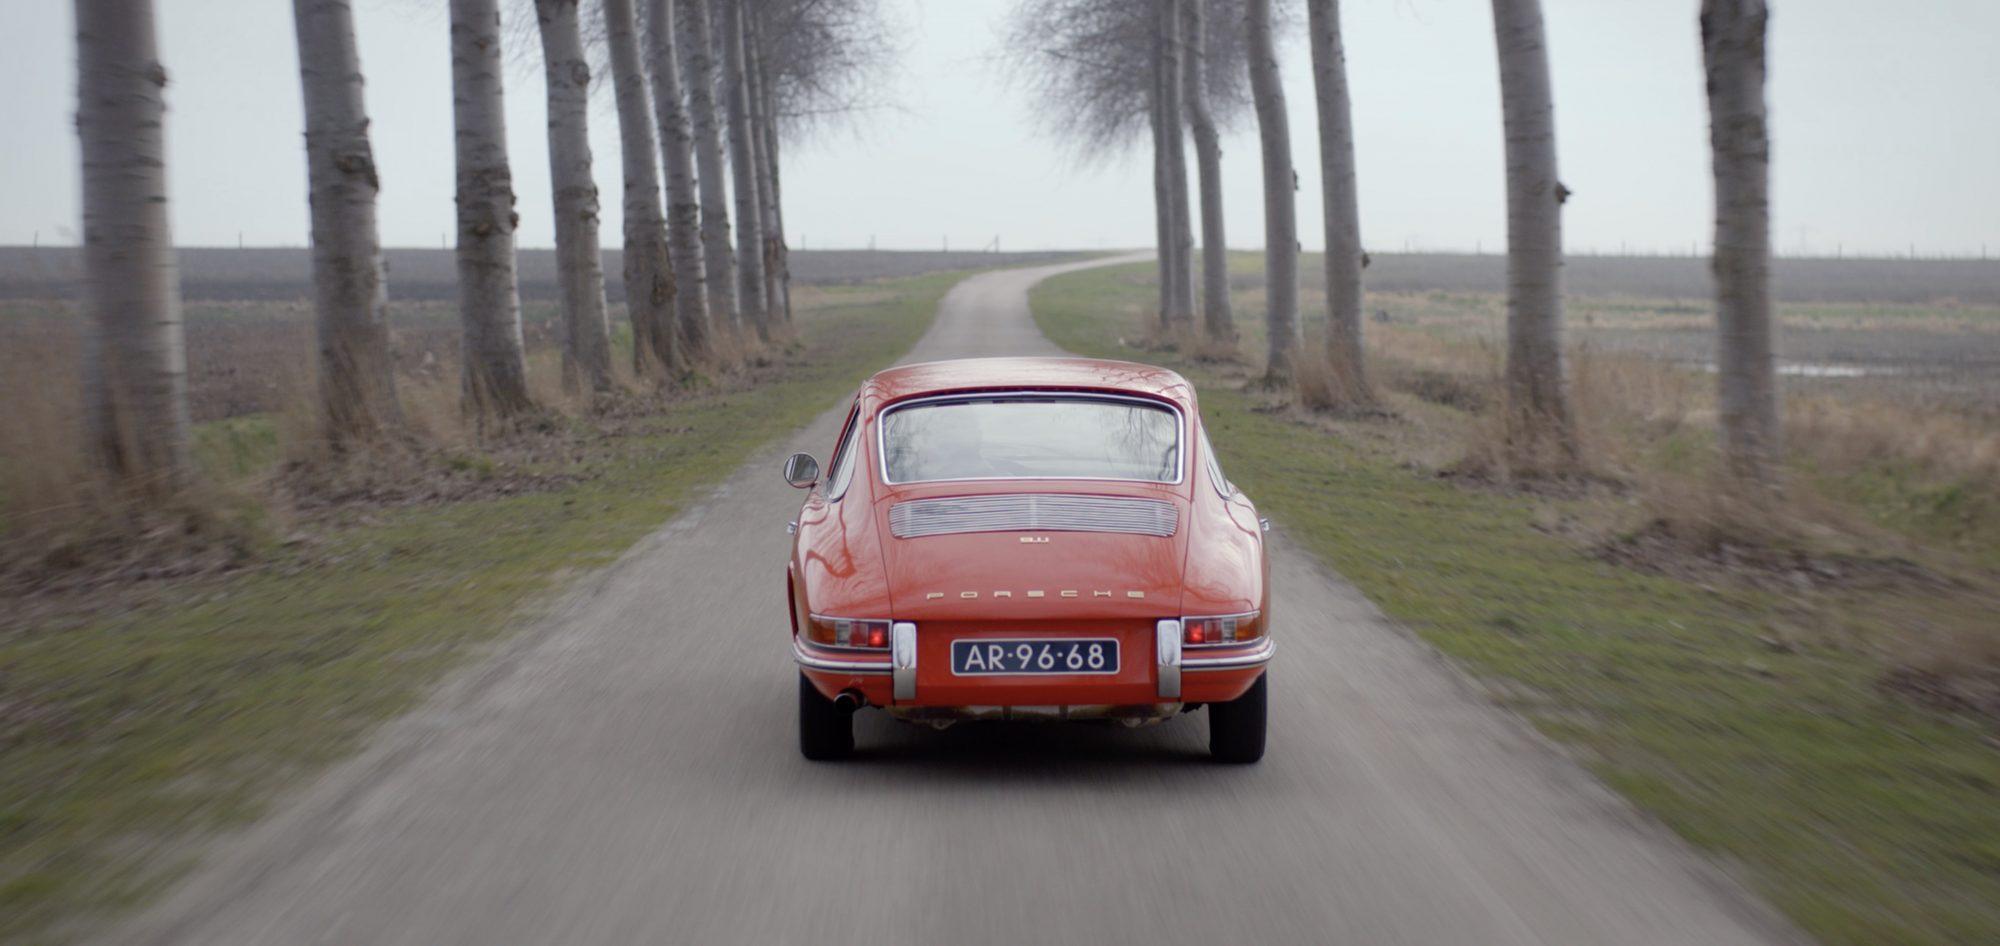 Porsche Portraits